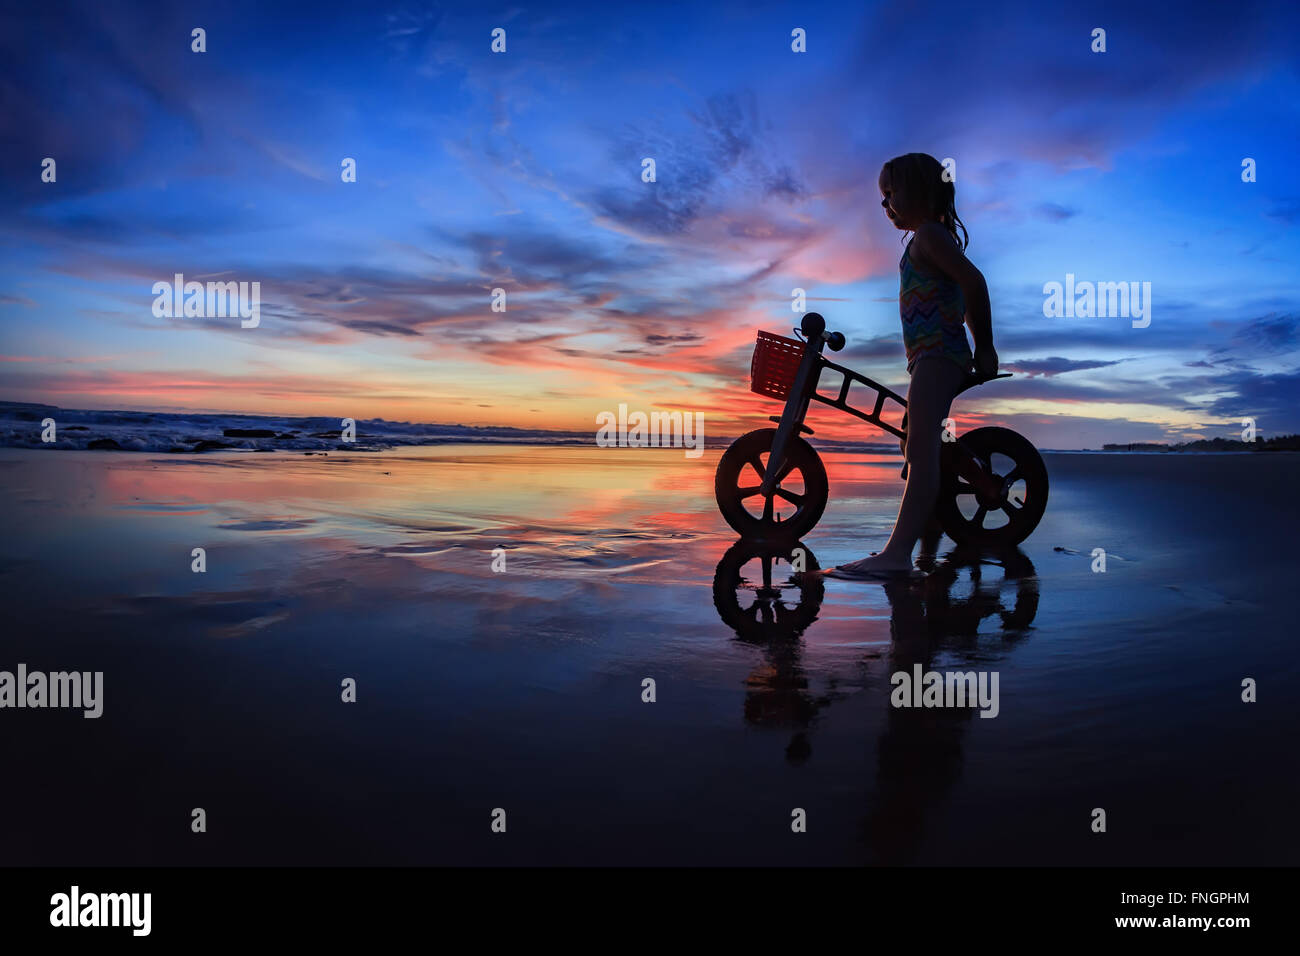 Silhouette nera del bambino - run bike rider stare sulla sabbia bagnata beach, a guardare il mare surf e colorato Immagini Stock